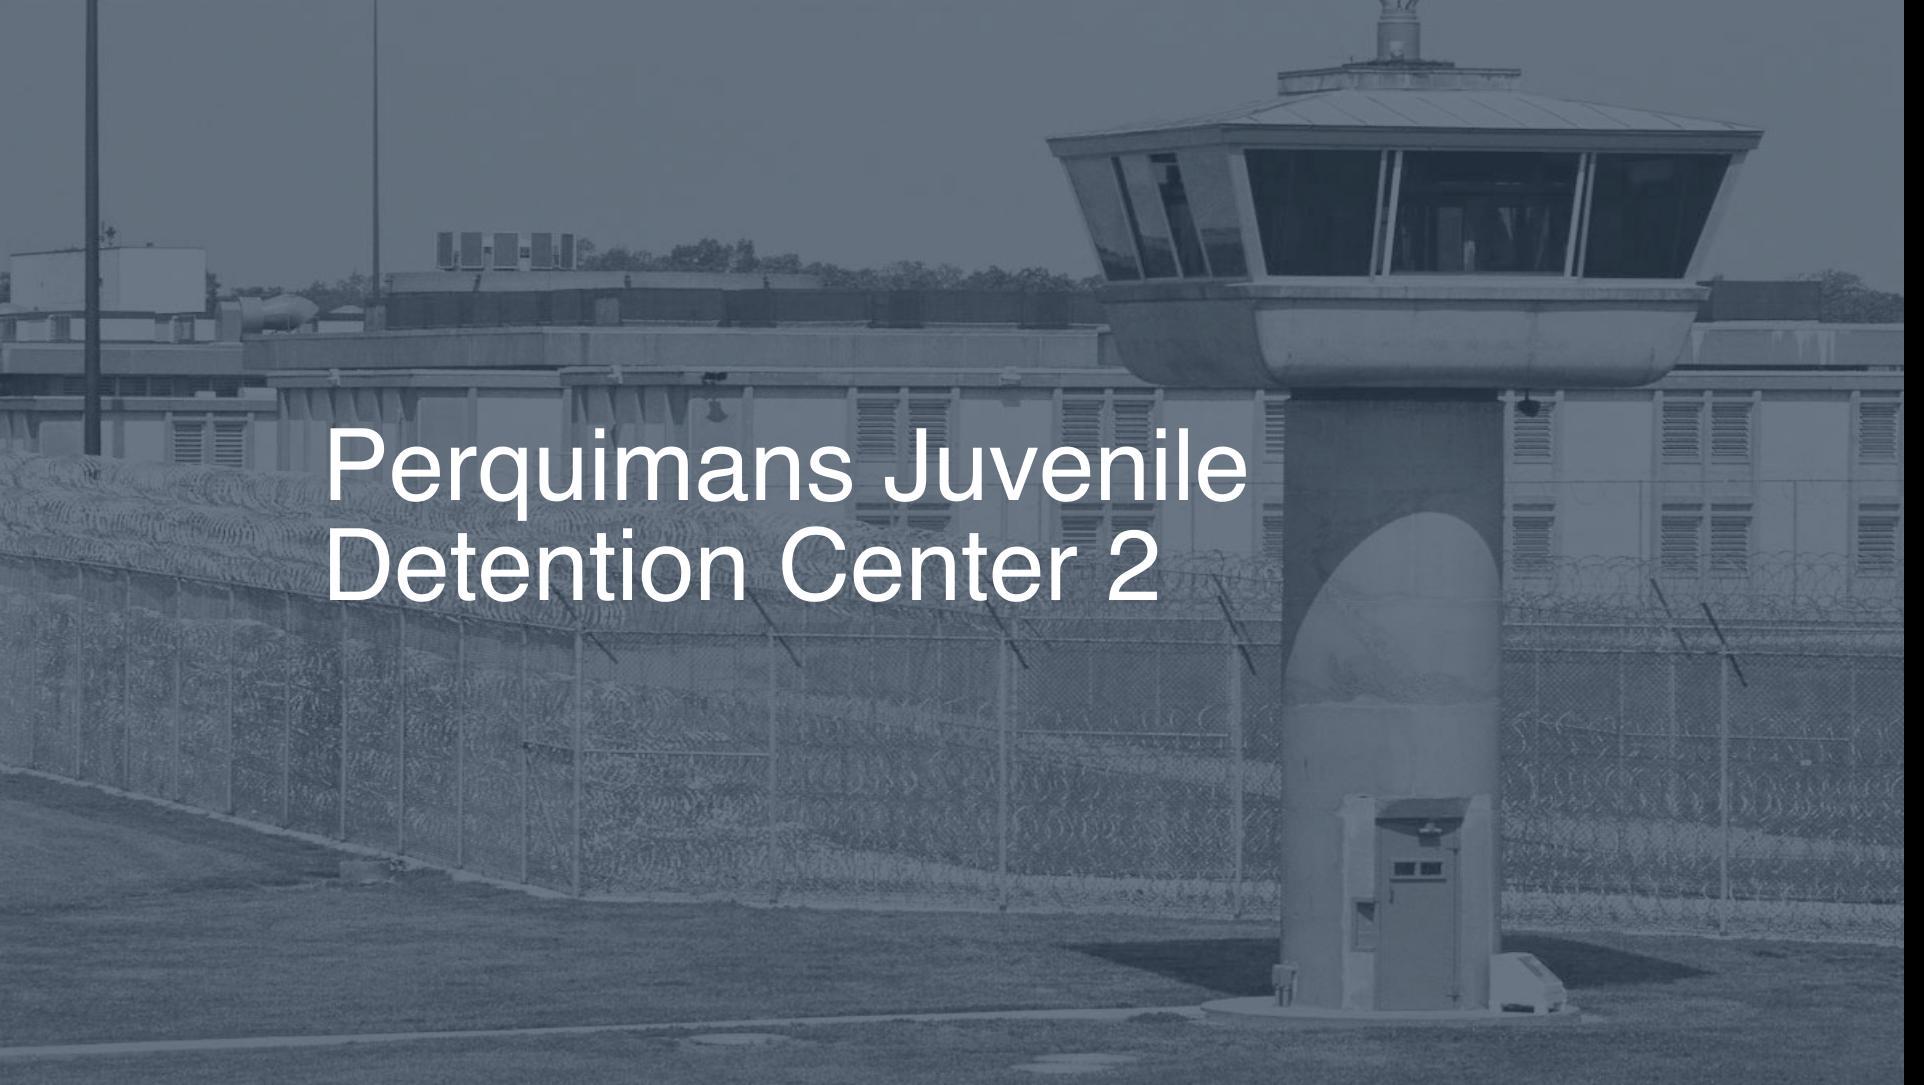 Perquimans Juvenile Detention Center correctional facility picture